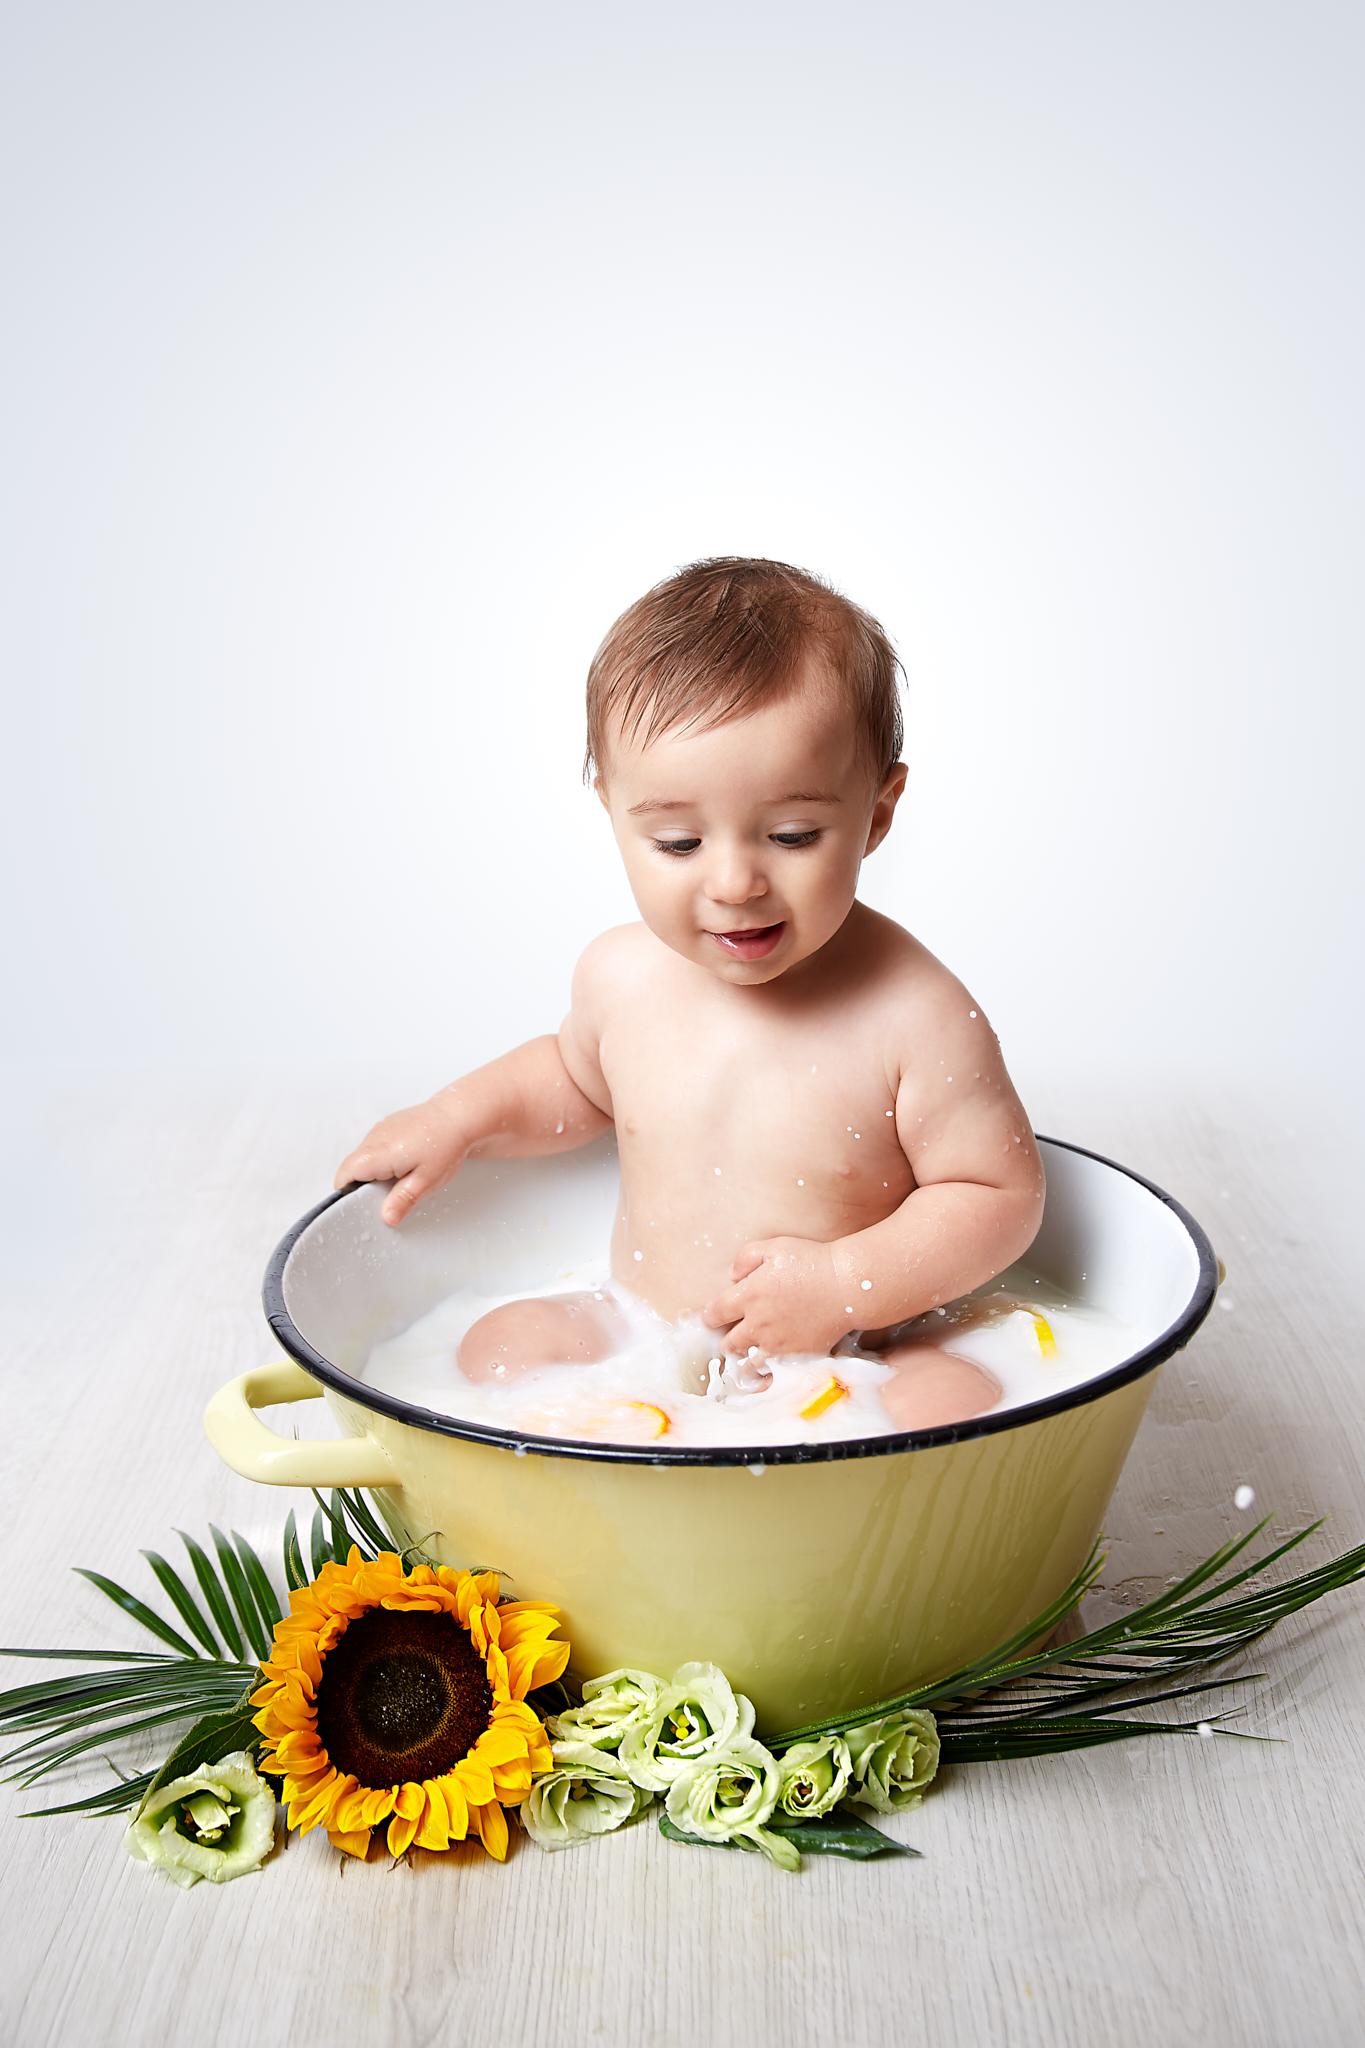 Copie de photo bain bébé valence